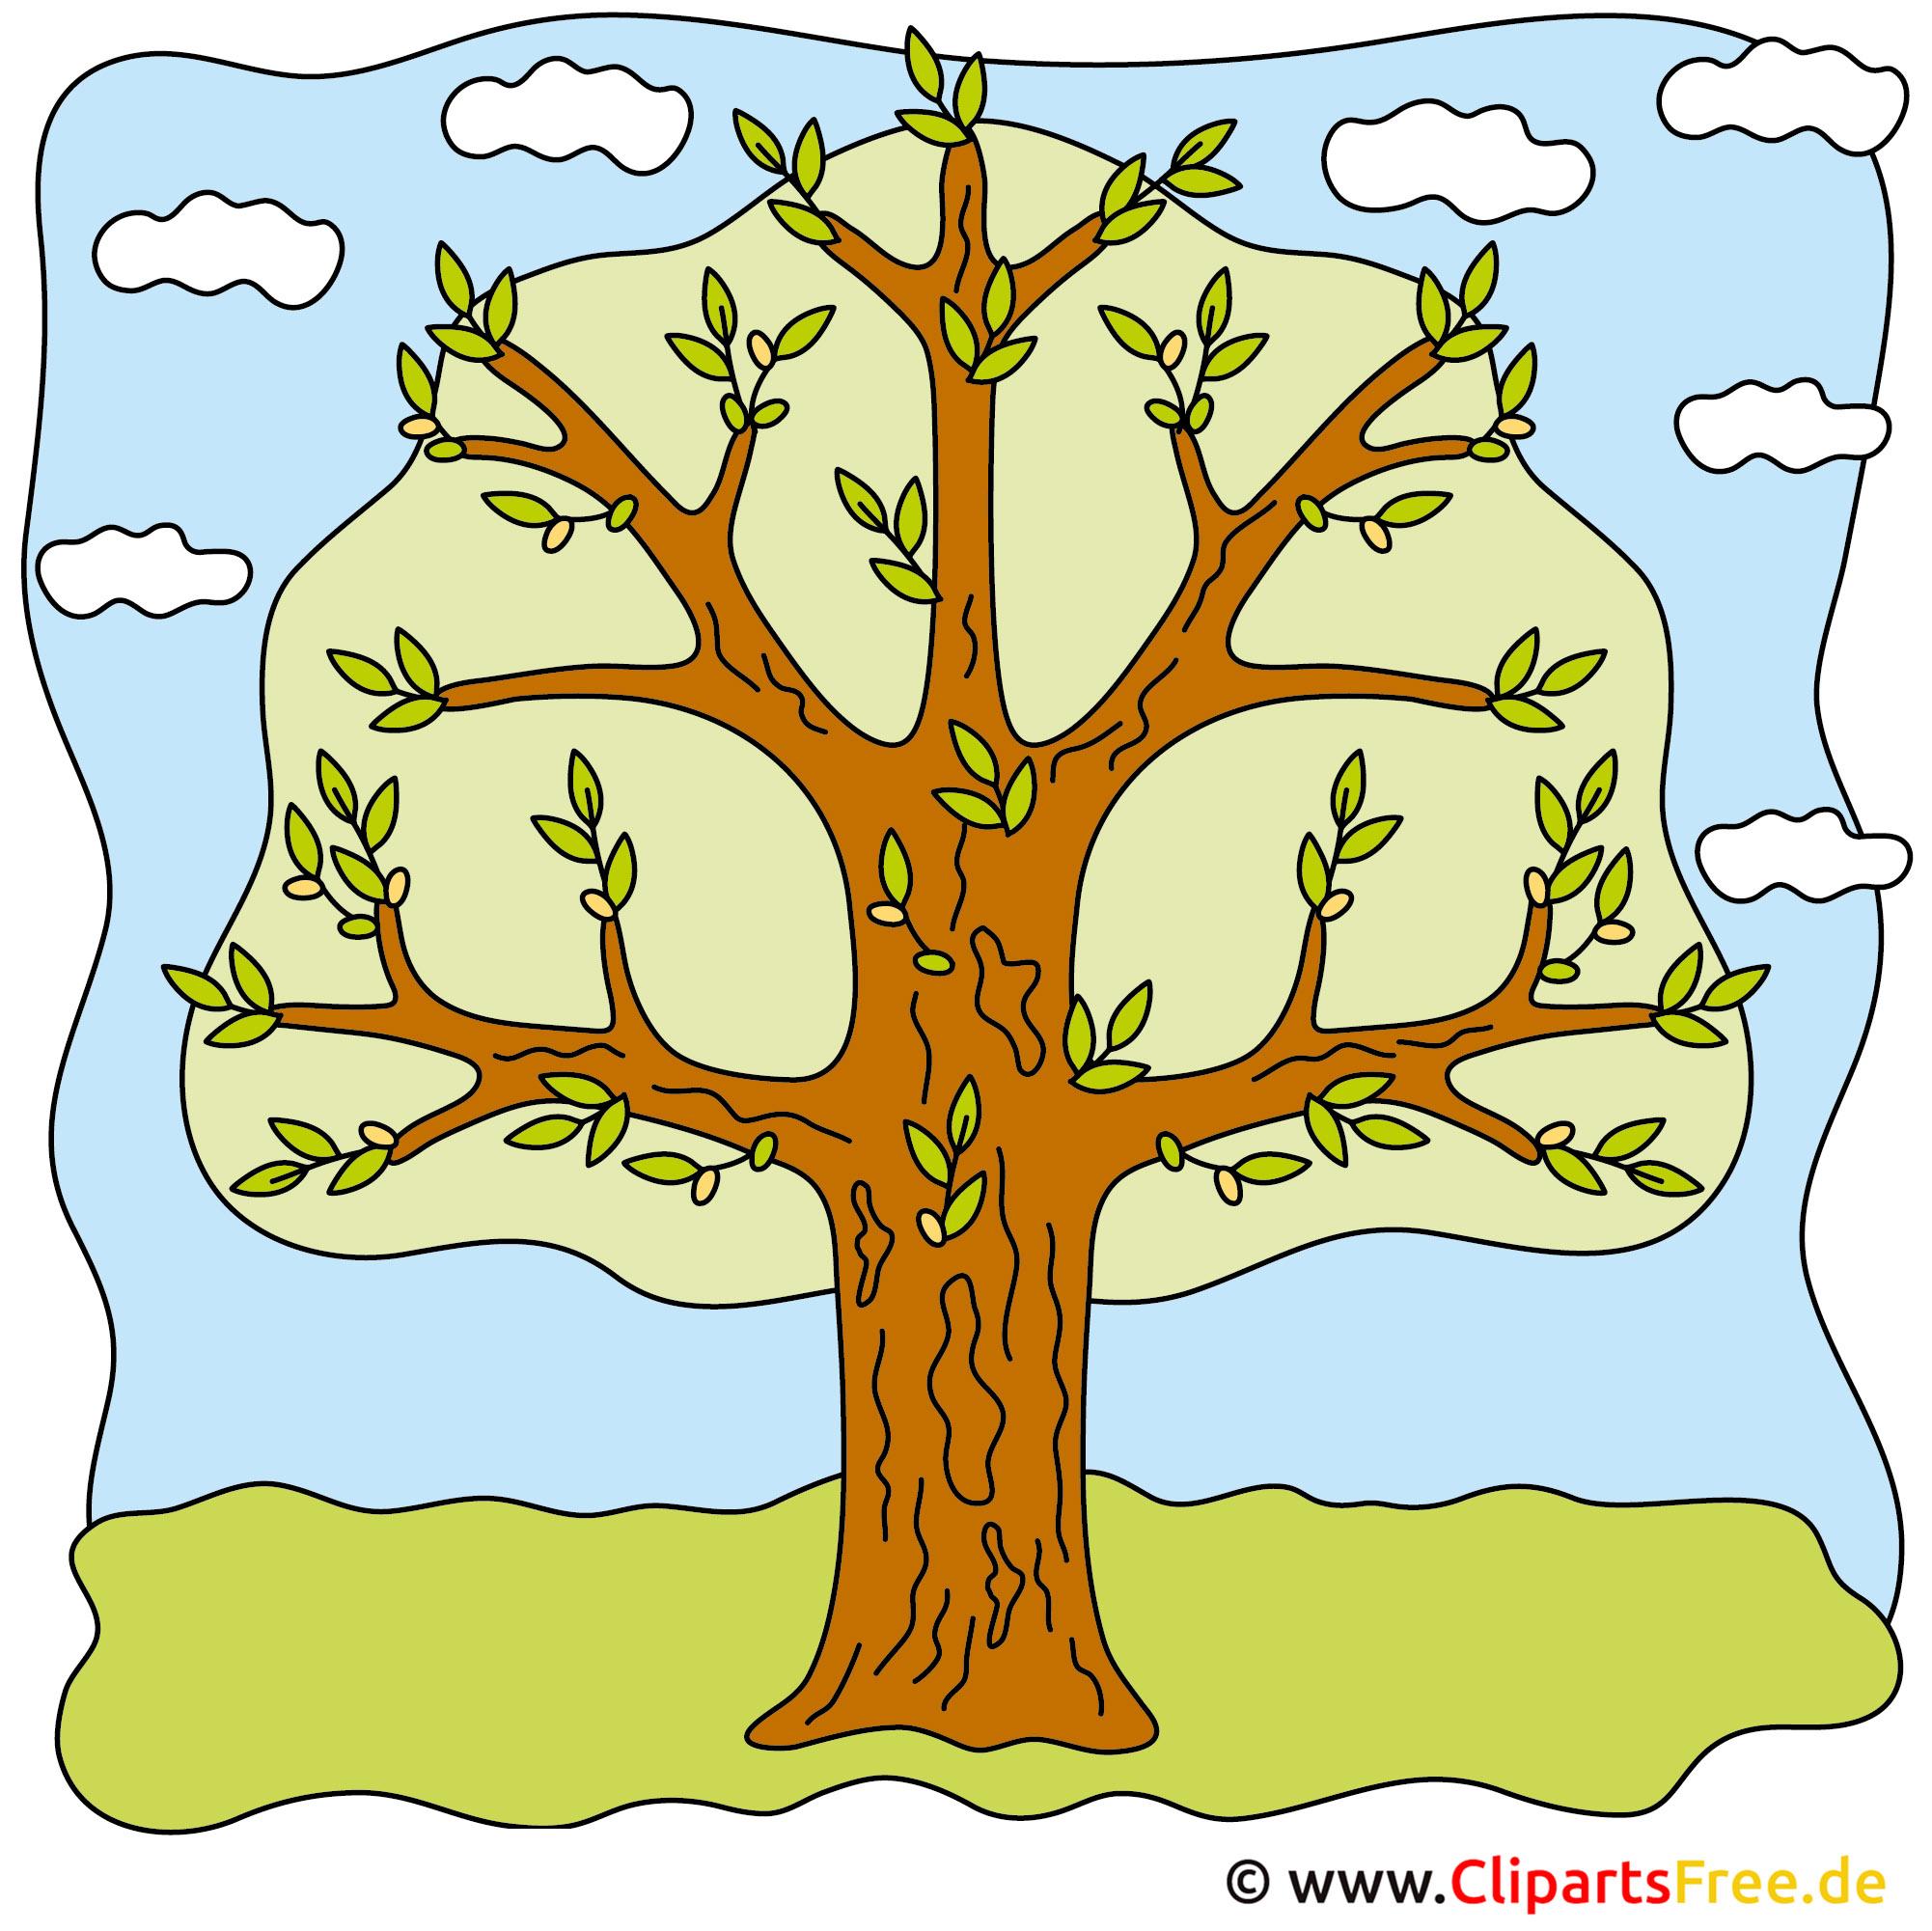 Frühling Bilder - Baum auf der Wiese